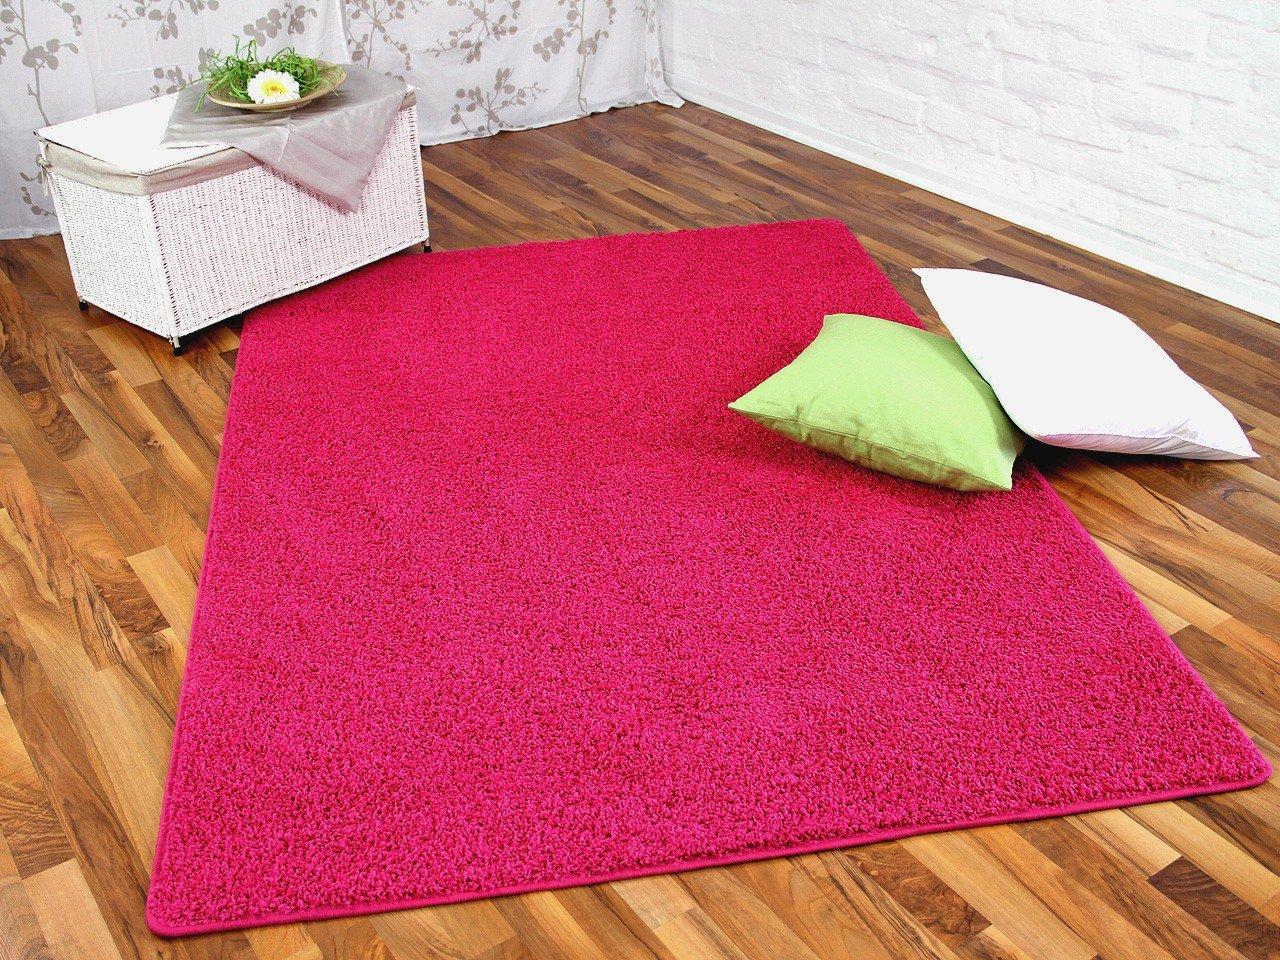 Hochflor Shaggy Teppich Prestige Pink in 24 Größen    Überprüfung und Beschreibung